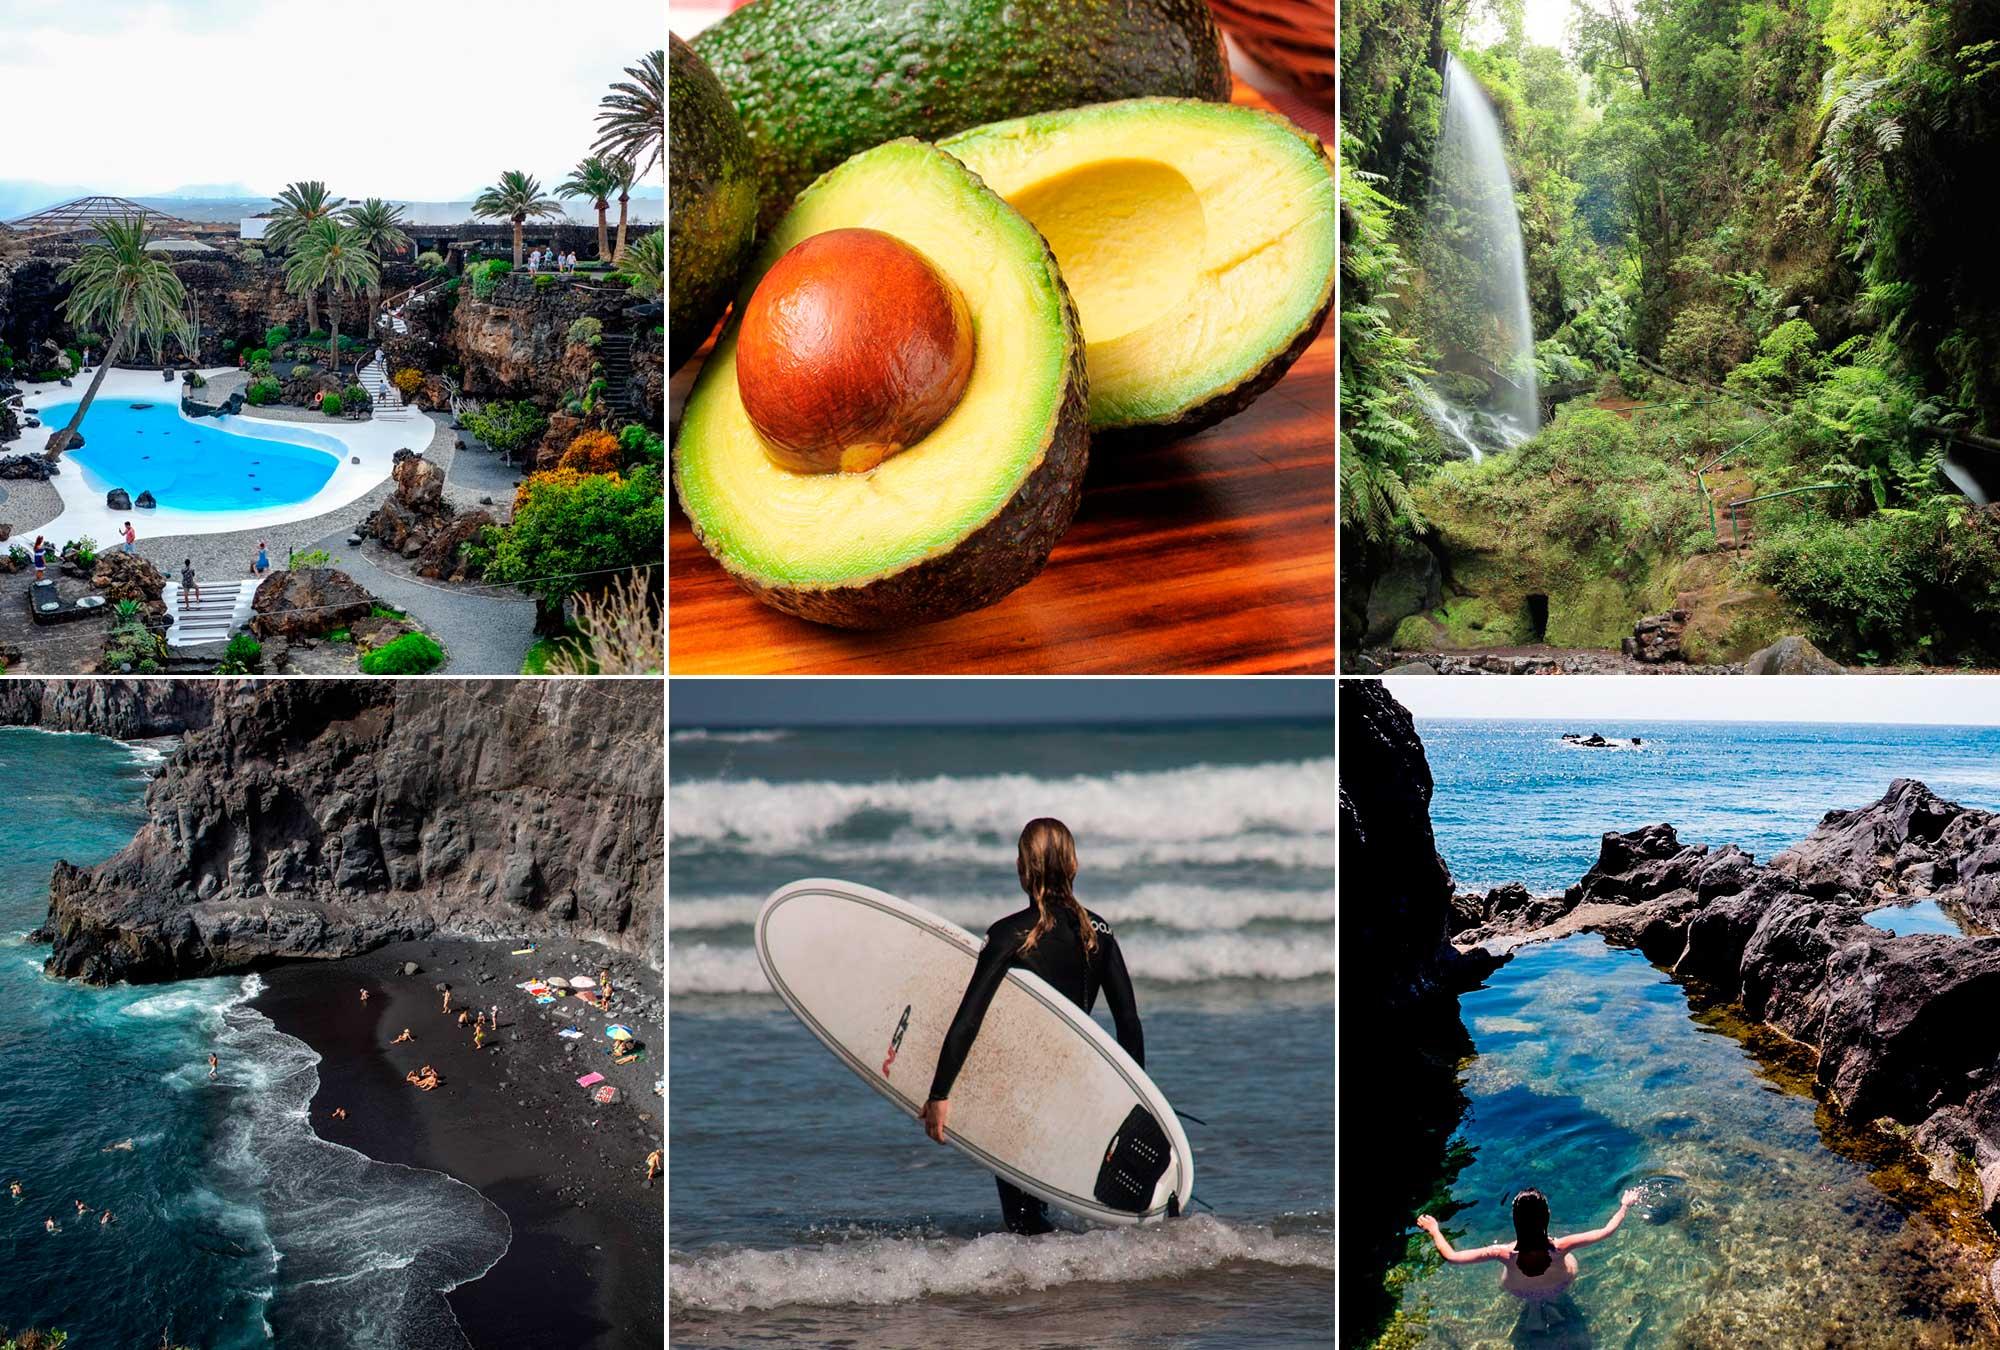 Las islas, llenas de contrastes, ofrecen todo tipo de opciones al viajero.